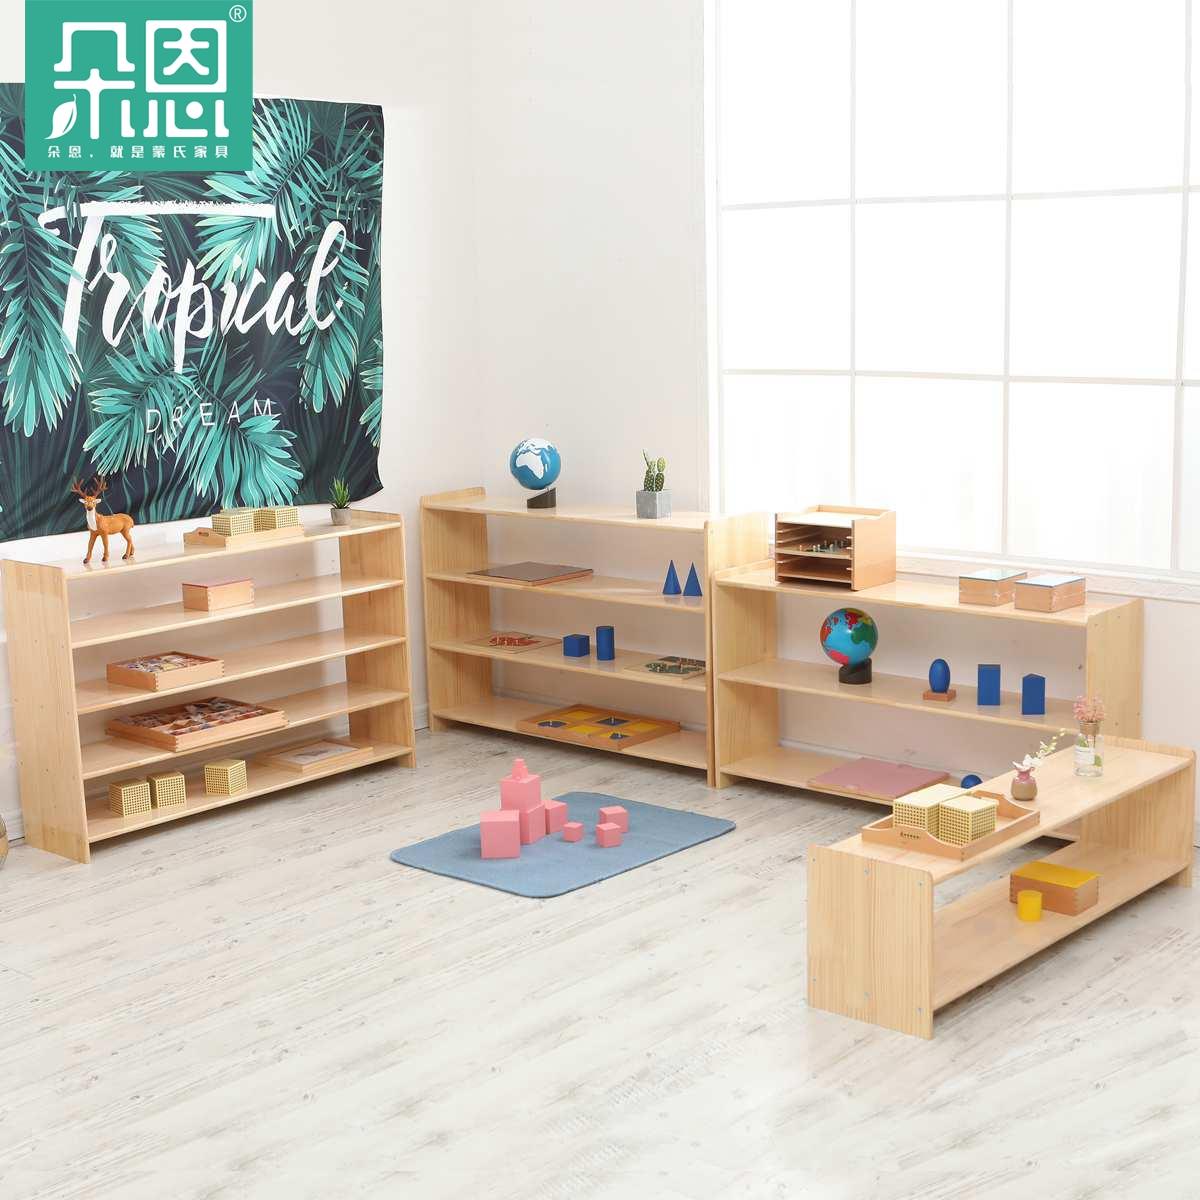 假一赔十幼儿园蒙氏教具柜实木儿童玩具置物柜储物收纳架区角柜子木质家具